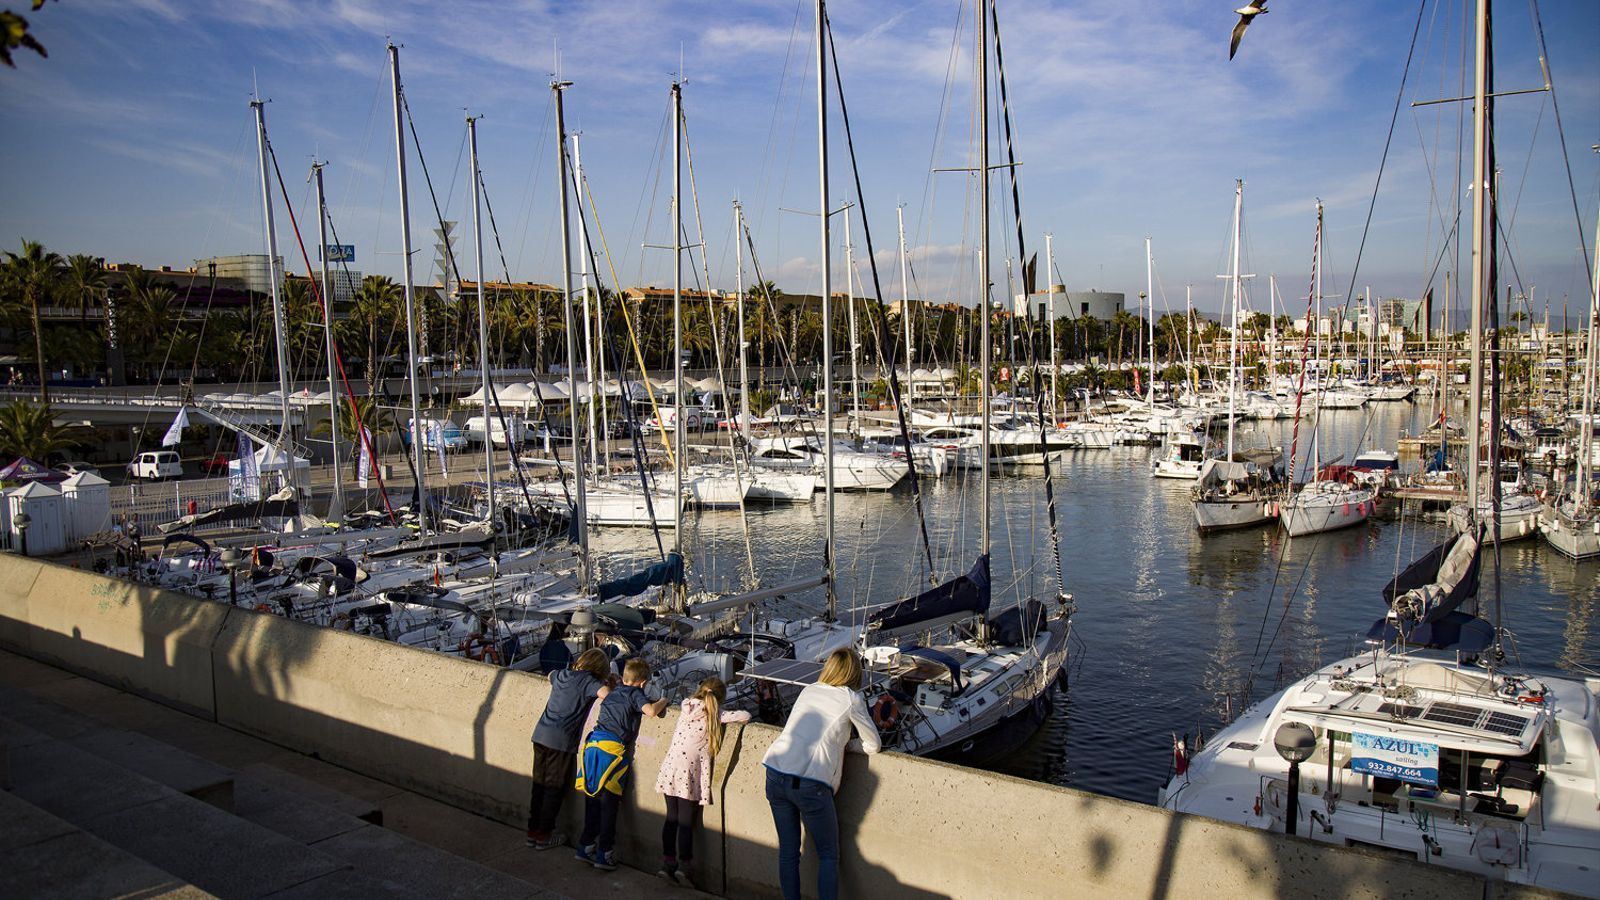 El nou Port Olímpic de Barcelona tindrà el doble d'espai públic